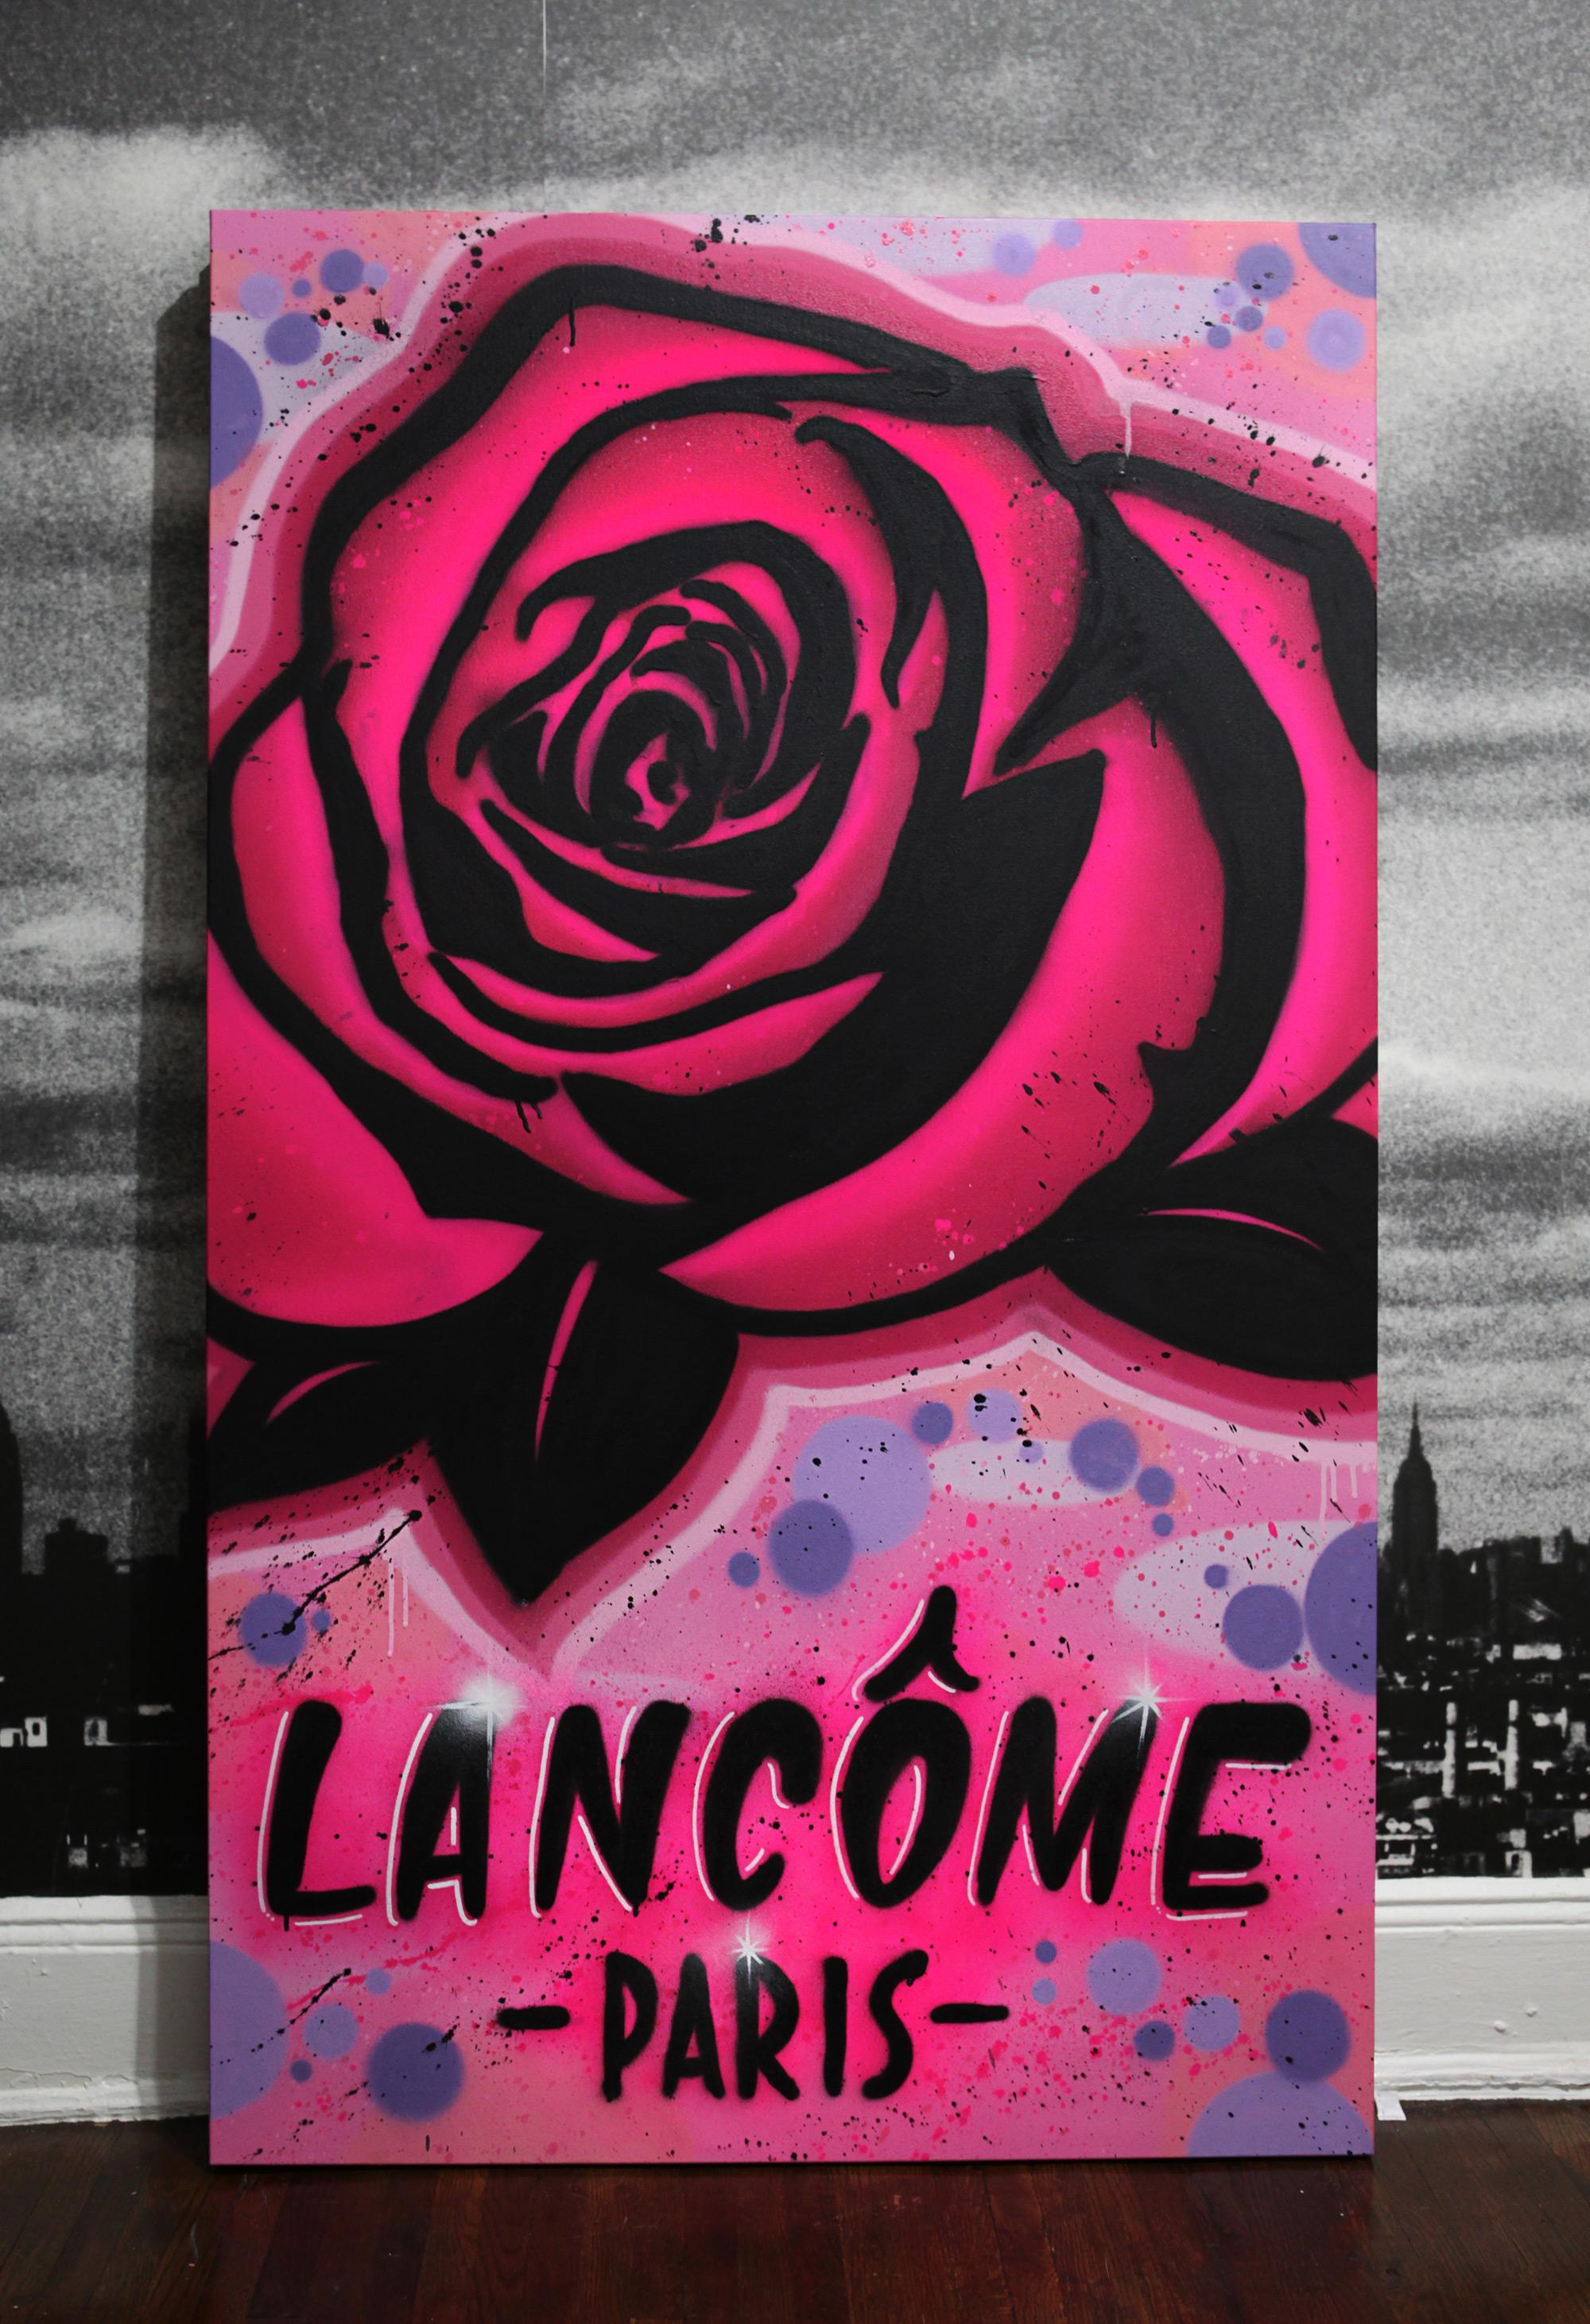 Lancome Graffiti Canvas